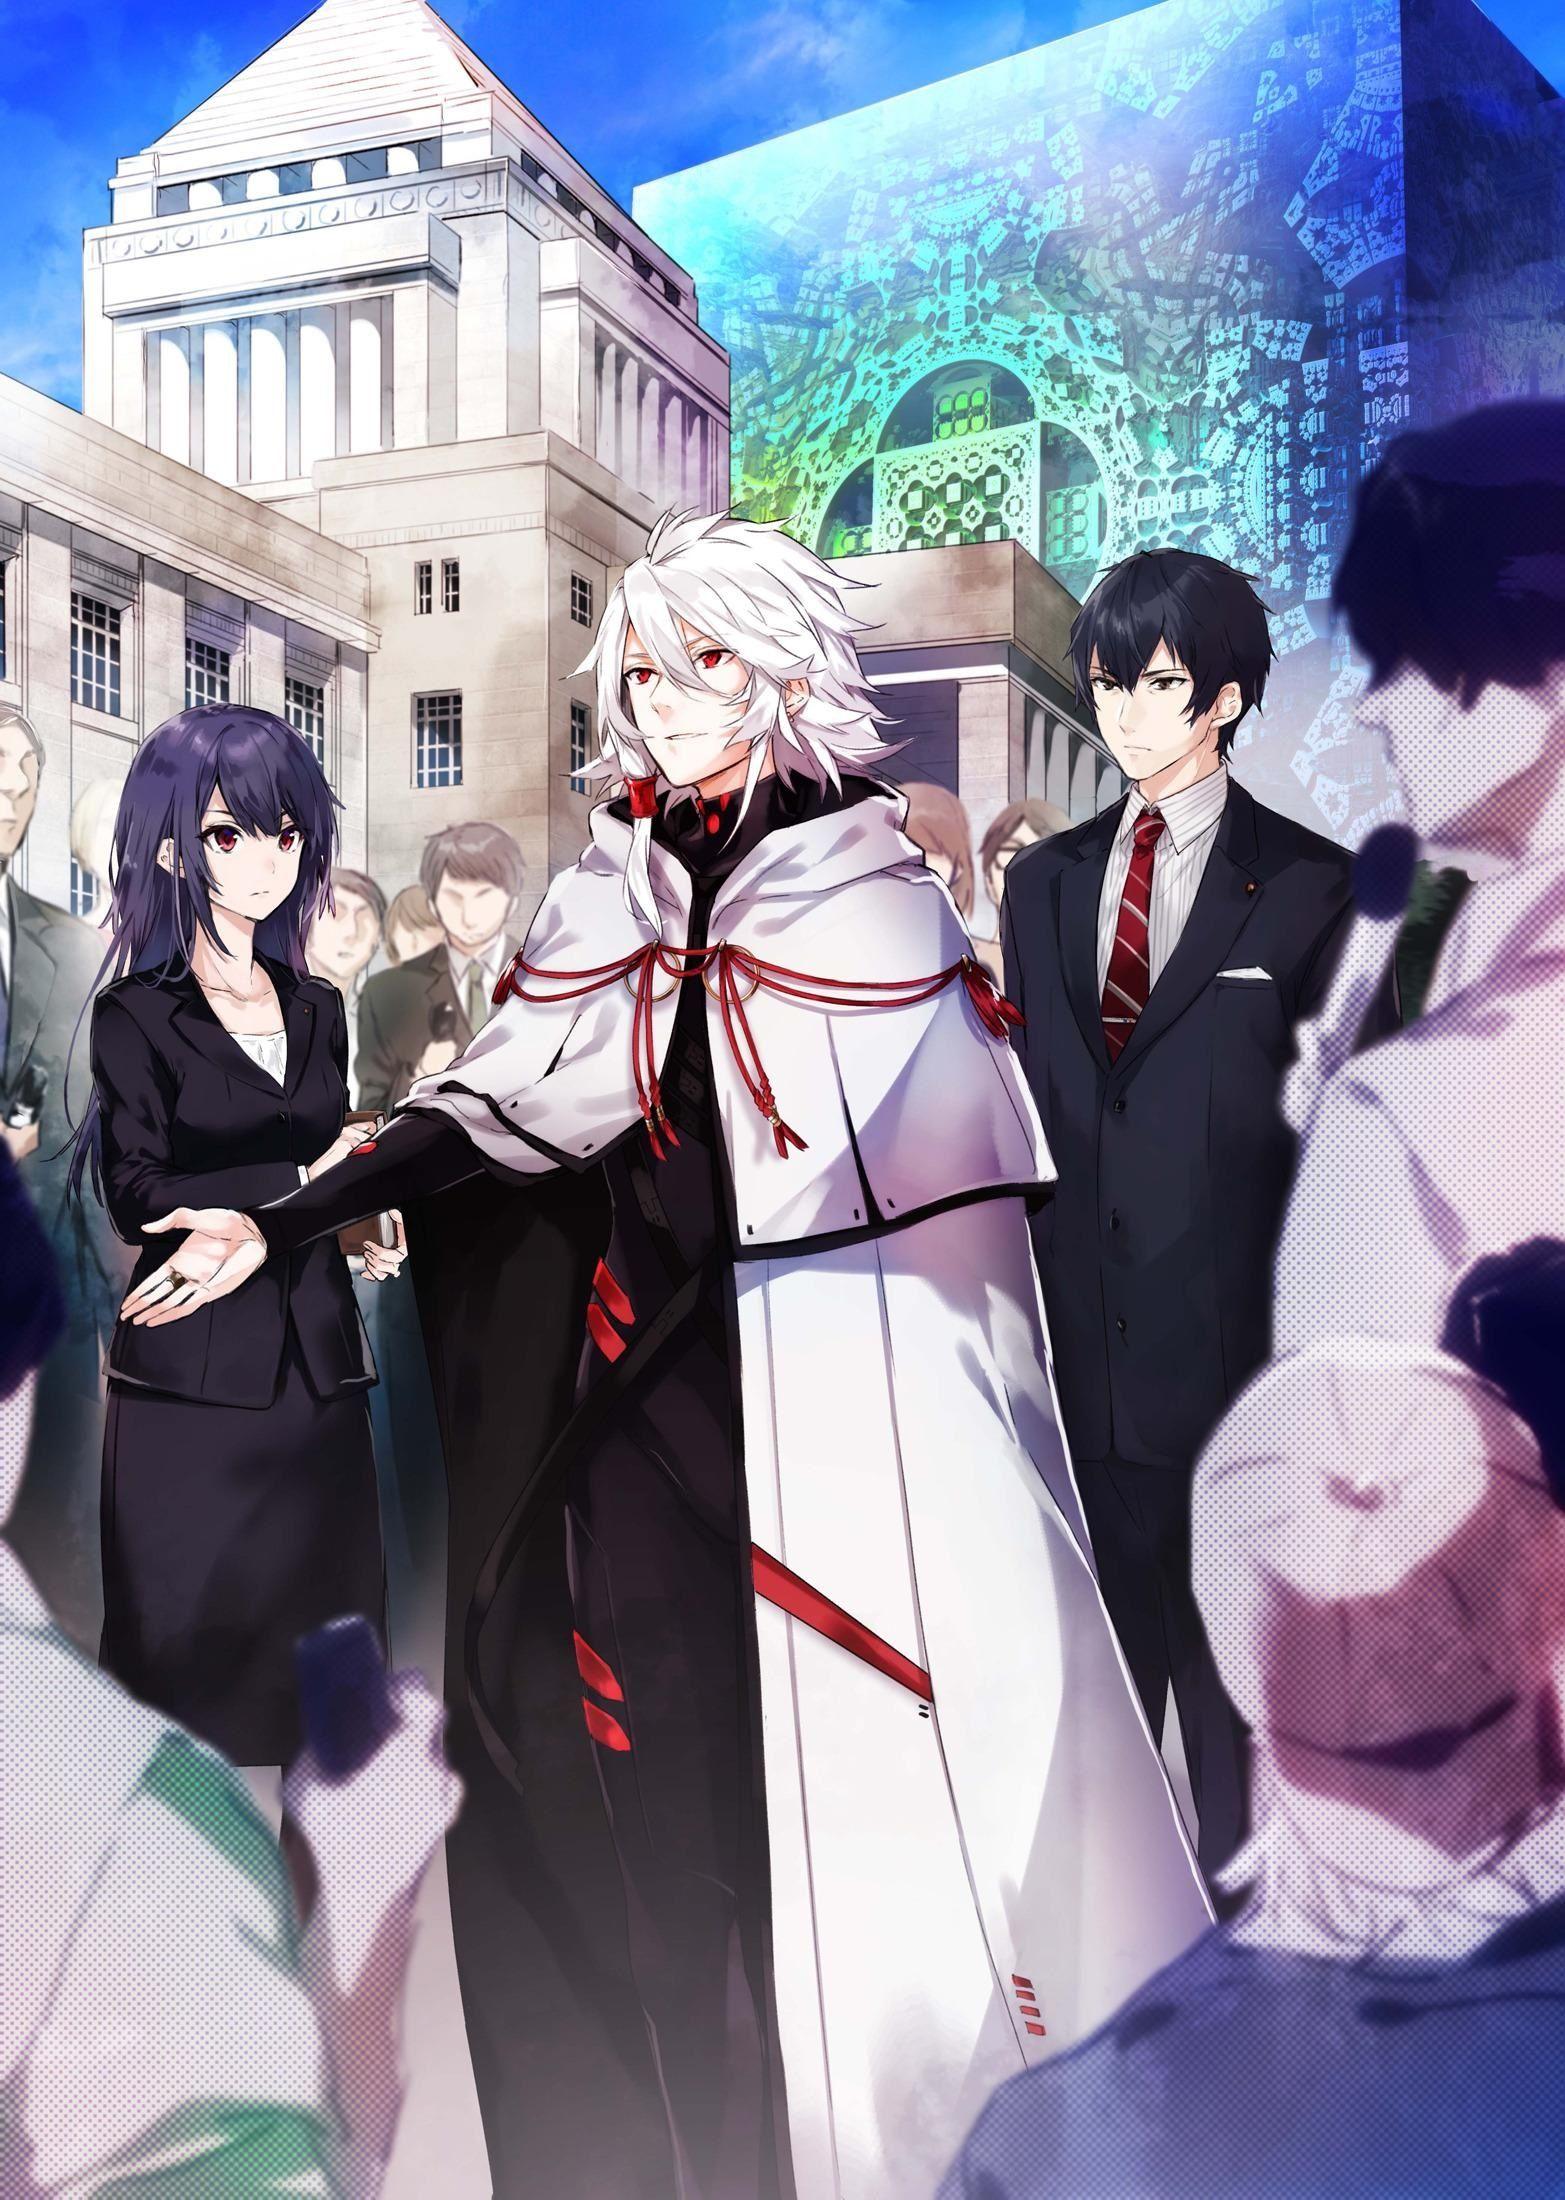 Seikaisuru Kado 00 12 imagens) Anime, Tv anime